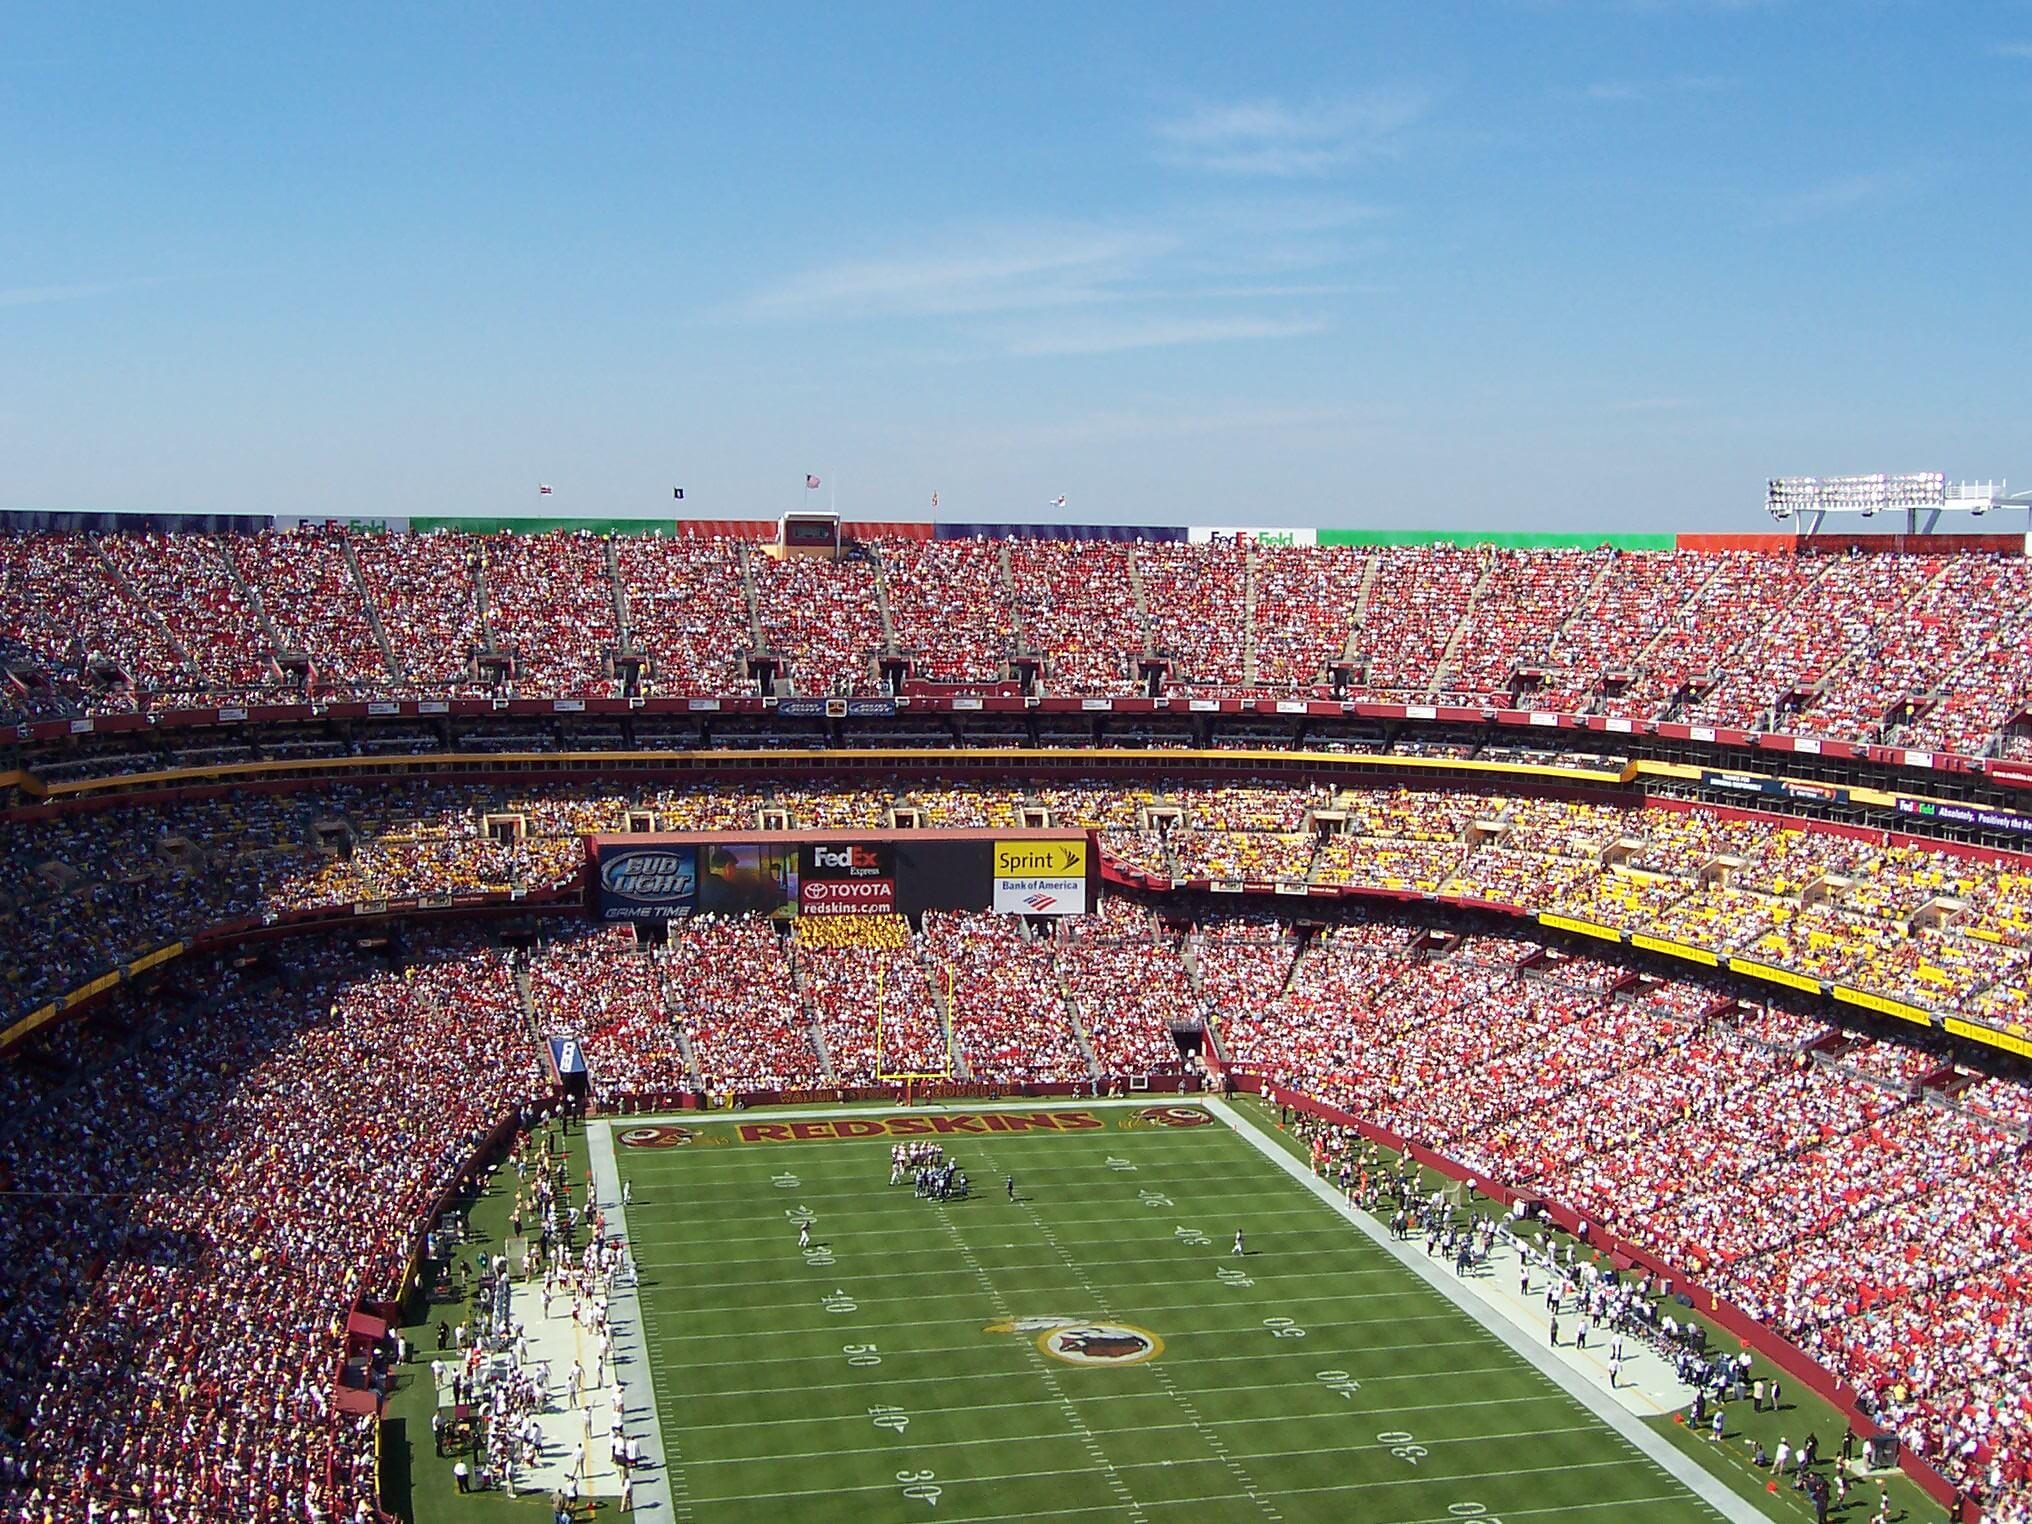 FedEx Field stadium